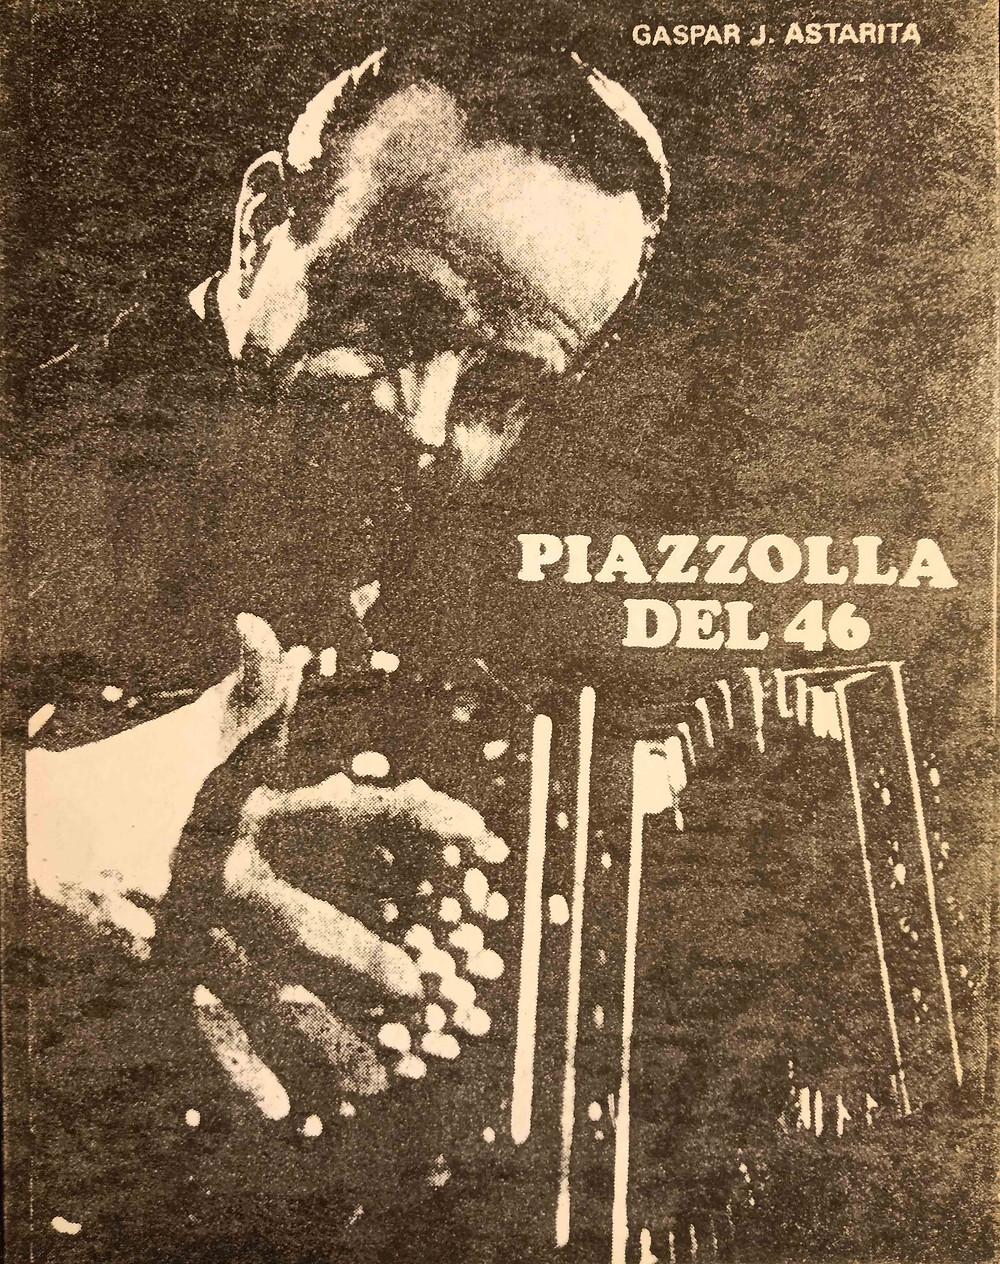 Portada libro Piazzolla del 46 Gaspar Astarita